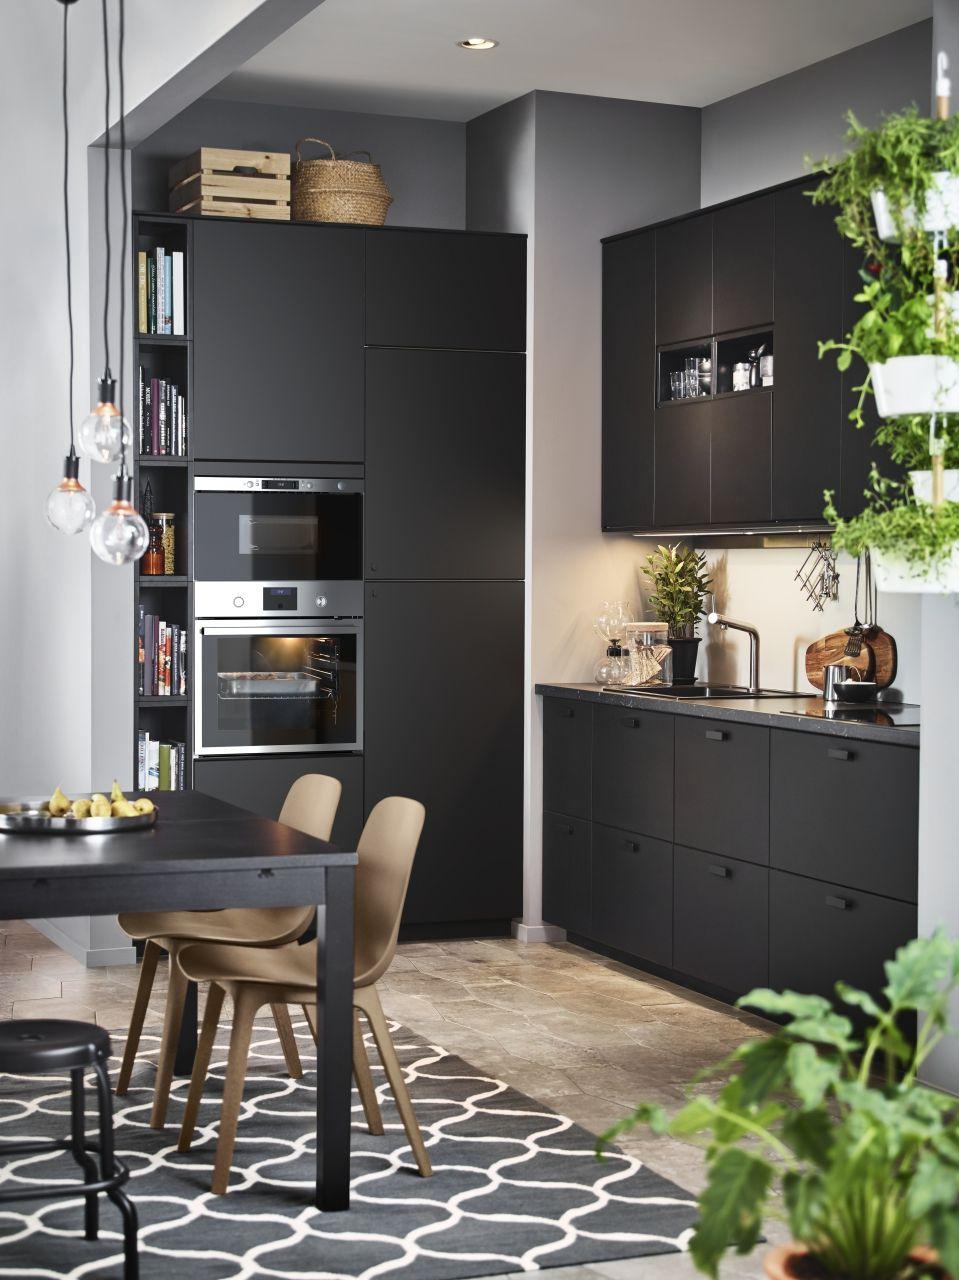 Kungsbacka Anta Antracite 60x80 Cm Con Immagini Idee Cucina